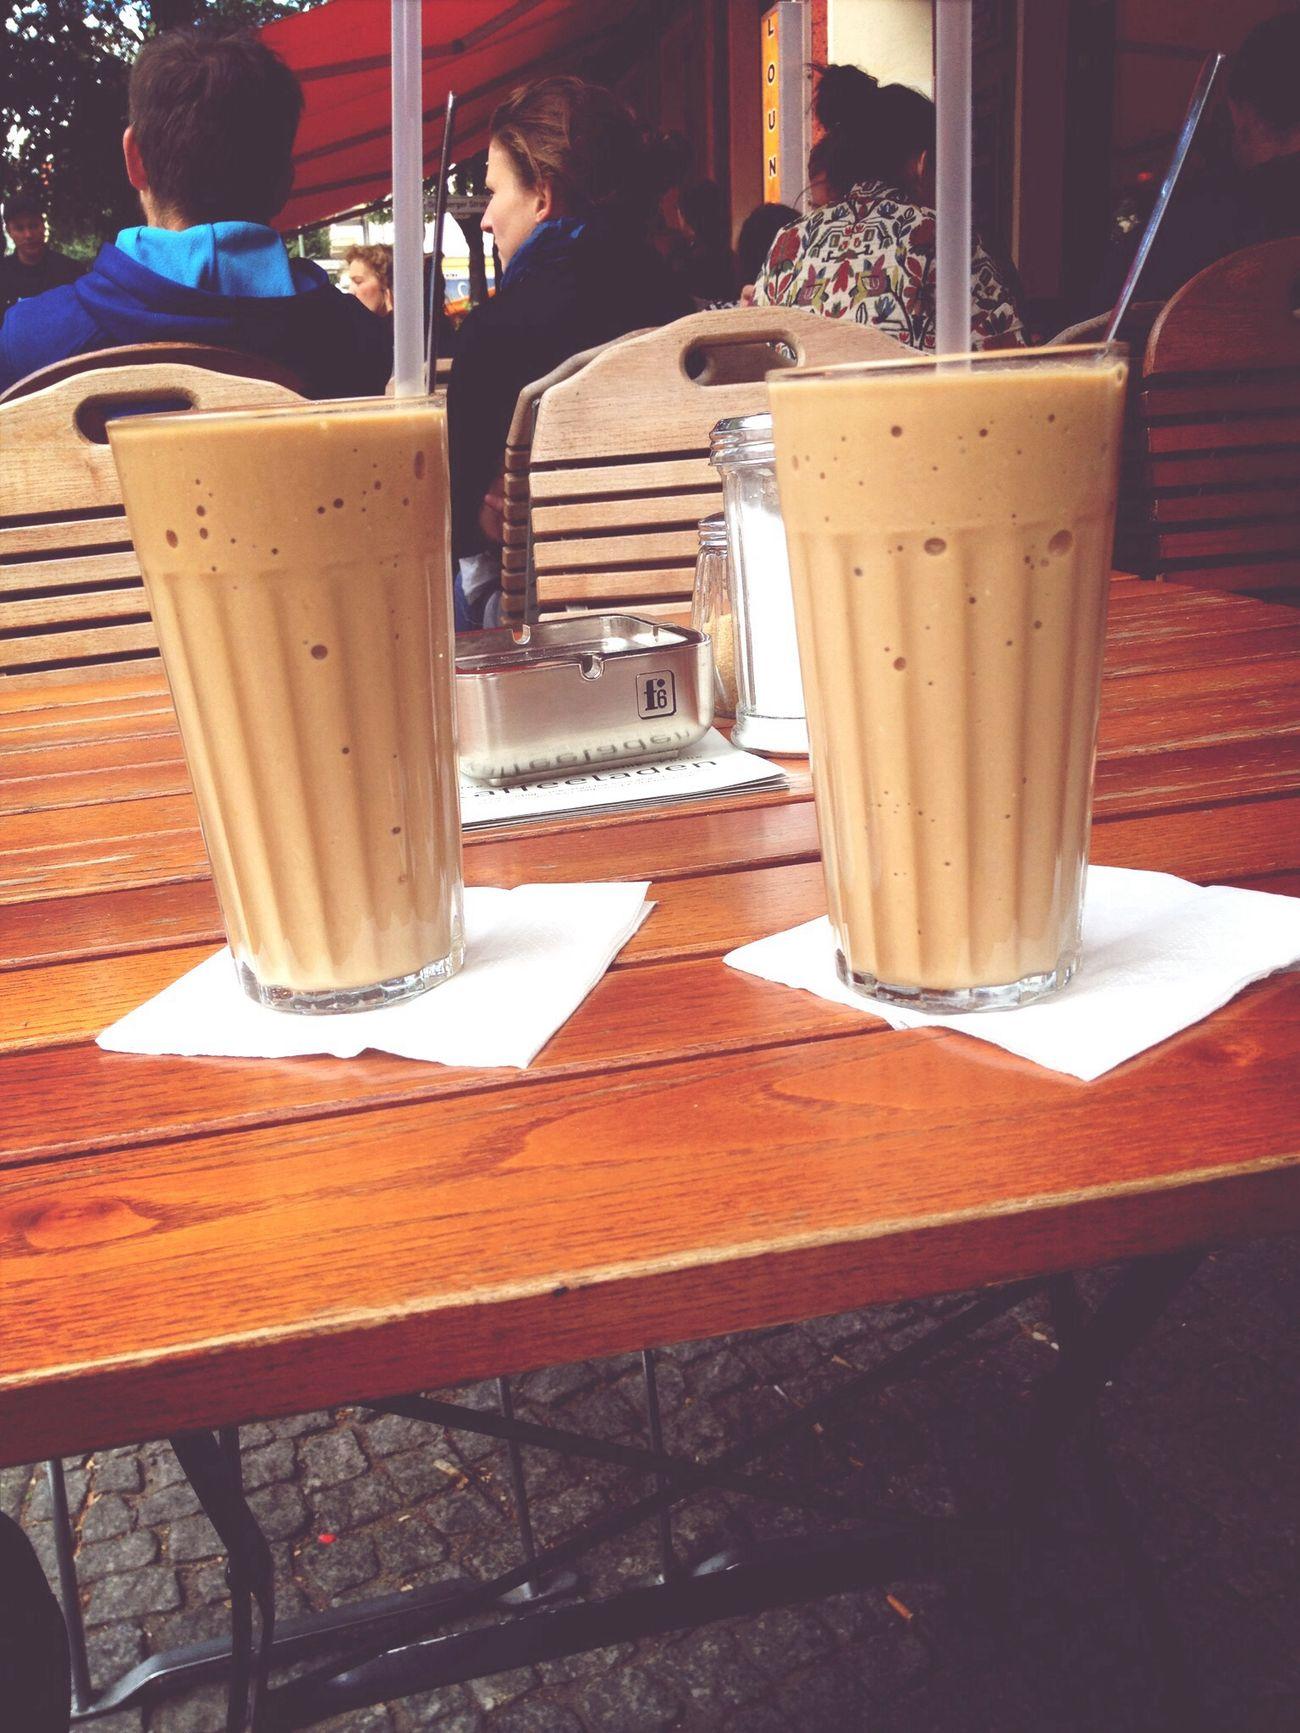 Ice Coffee at kaffeeladen Berlin Terrace Germany